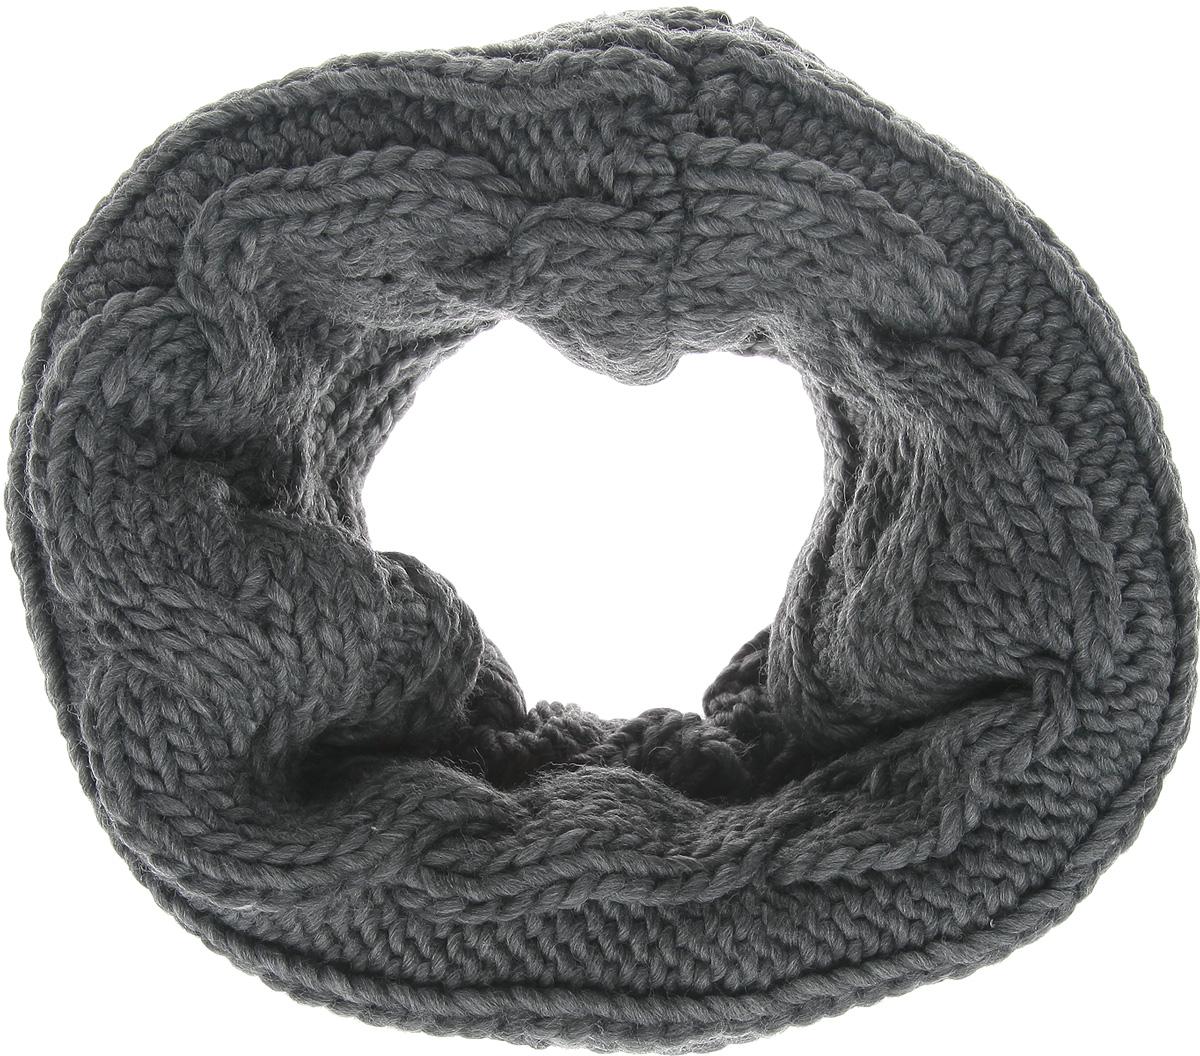 Снуд женский. 4010076940100769 807Уютный шарф-снуд Broadway - отличная модель для холодной погоды, он подчеркнет вашу оригинальность и неповторимый вкус. Он превосходно дополнит любой наряд и согреет вас в прохладное время года. Снуд выполнен из акриловой пряжи с добавлением шерсти. Внутренняя сторона снуда отделана невероятно мягким искусственным мехом. Снуд оформлен широкими вязаными косичками. Снуд - это объемный шарф, связанный по кругу. Этот модный аксессуар гармонично дополнит образ современной женщины, следящей за своим имиджем и стремящейся всегда оставаться стильной и элегантной.